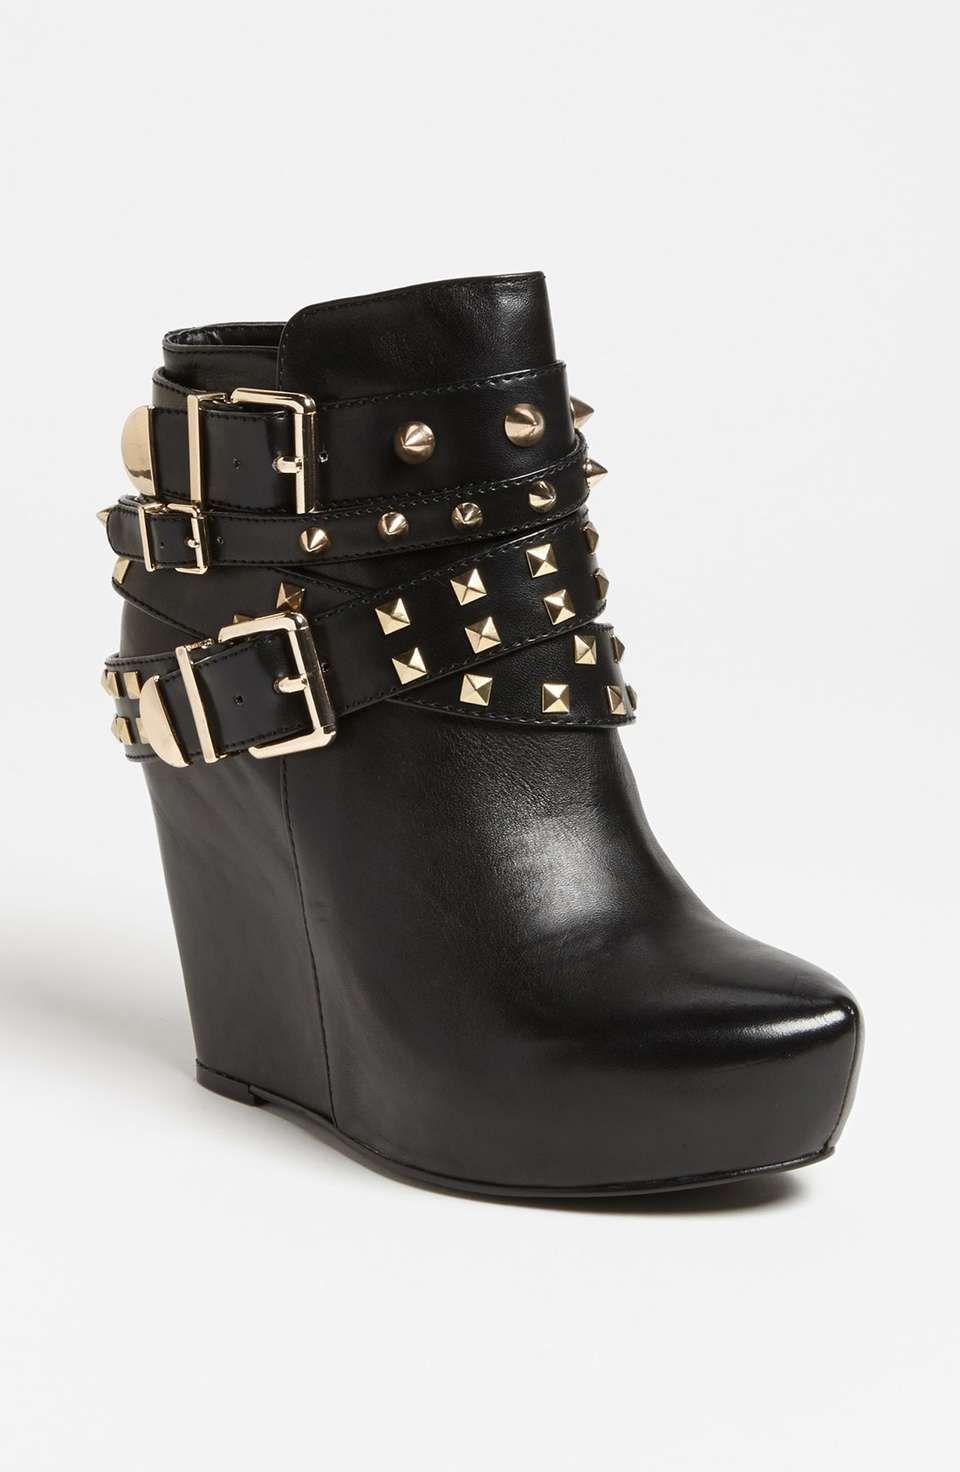 Zapatos negros Bcbgeneration para mujer Recomendar Cf5QKEUJ